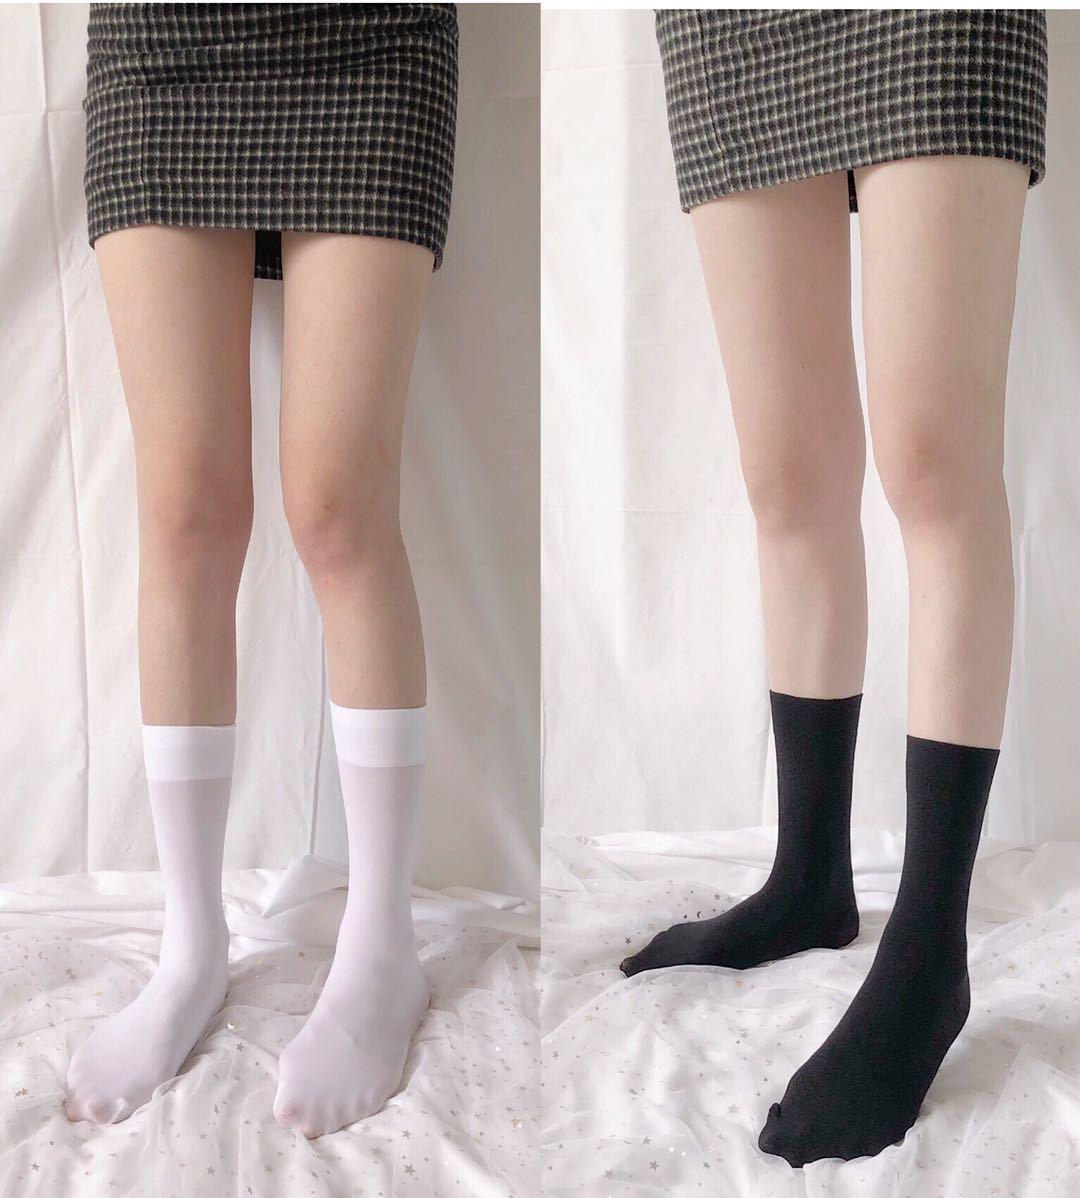 制服丝袜 天鹅绒中筒袜jk制服袜夏季薄款小腿袜日本学生袜丝袜堆堆袜膝下袜_推荐淘宝好看的制服丝袜